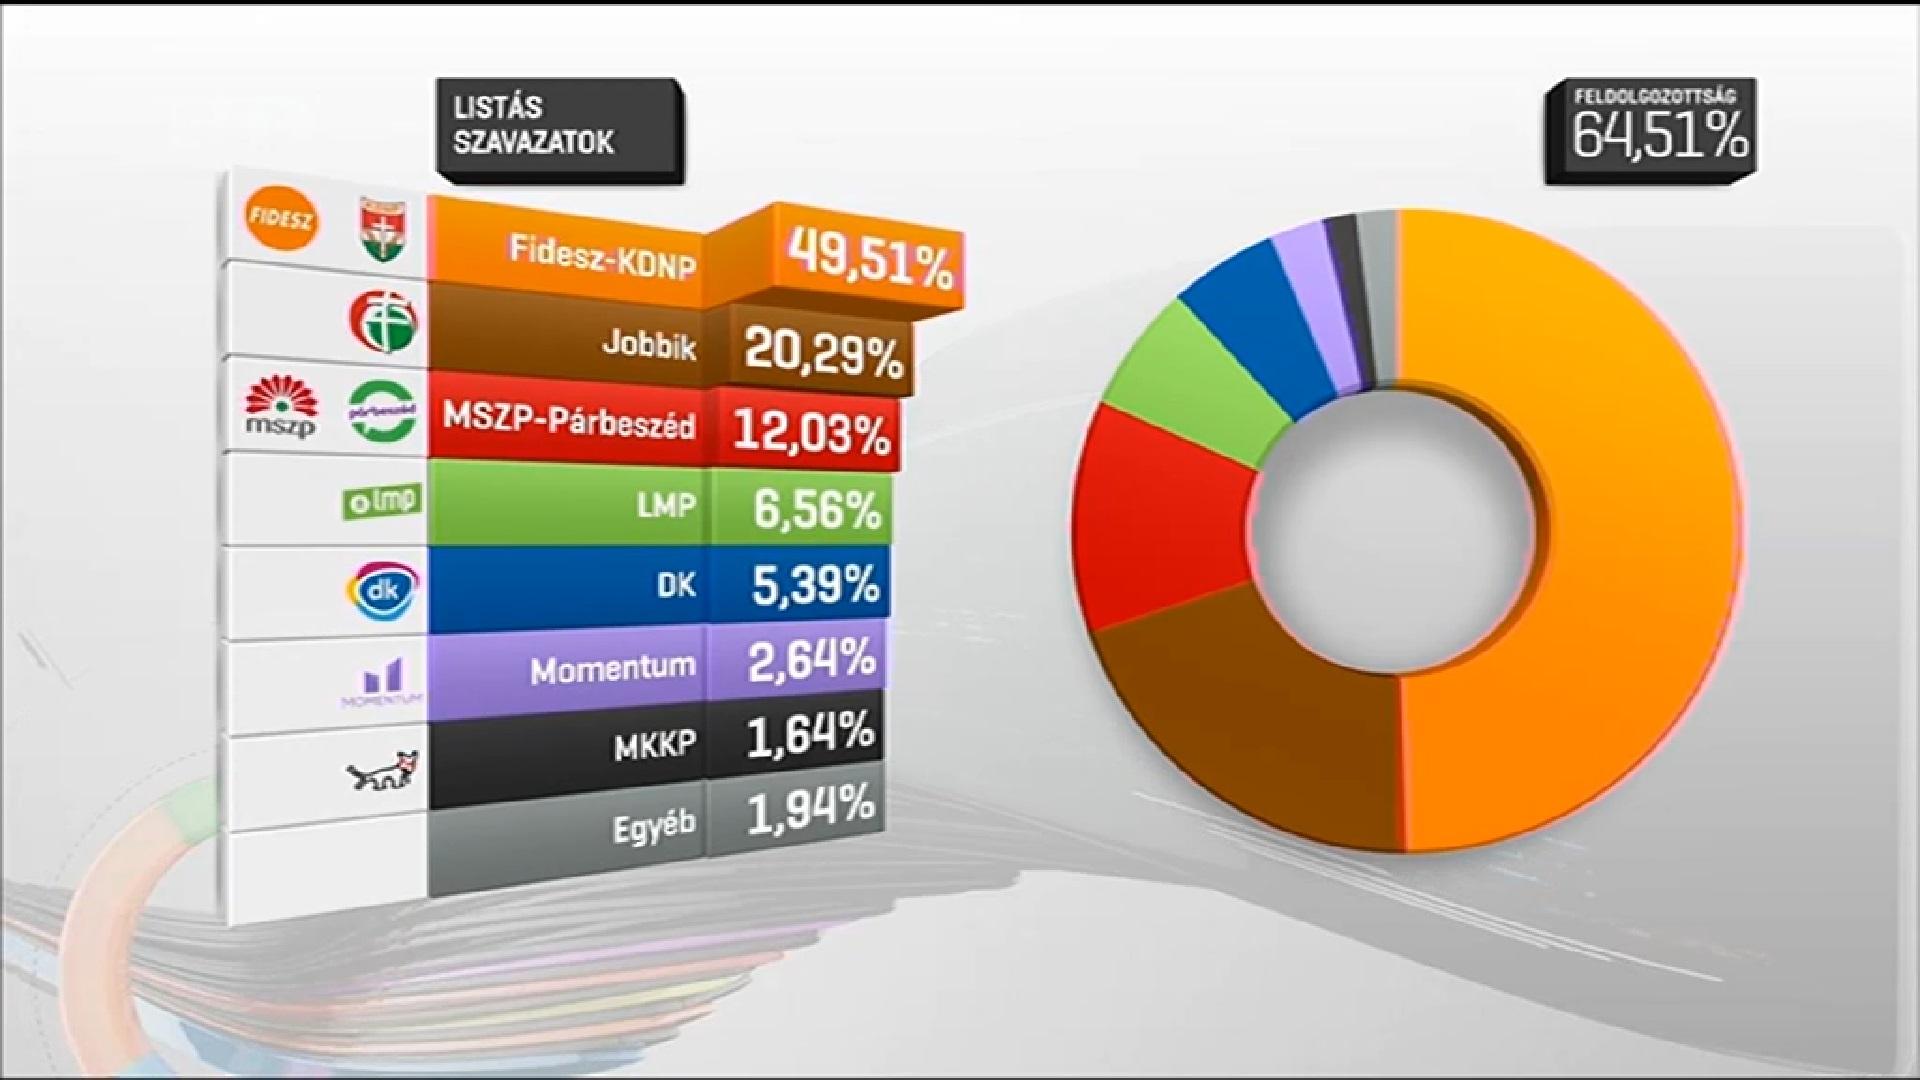 Nagyot nyert a Fidesz